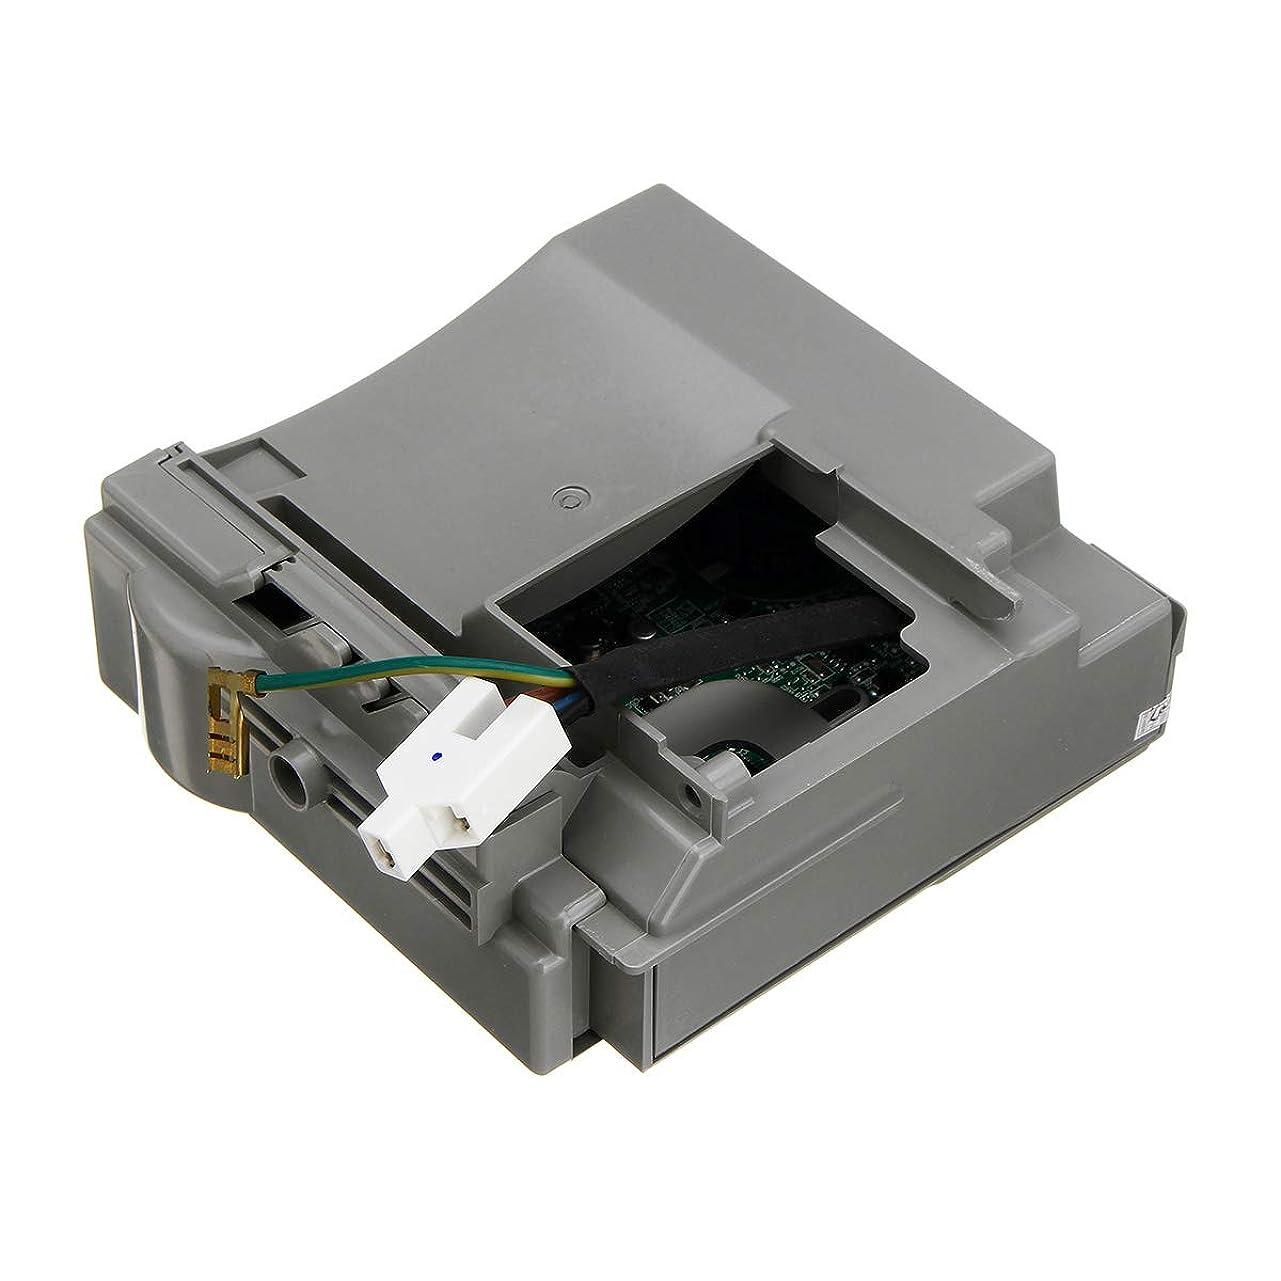 予定上下する優雅なQueenwind Embraco VCC3 1156 115-127V ホール冷蔵庫インバータ WR49X10283 WR55X10979